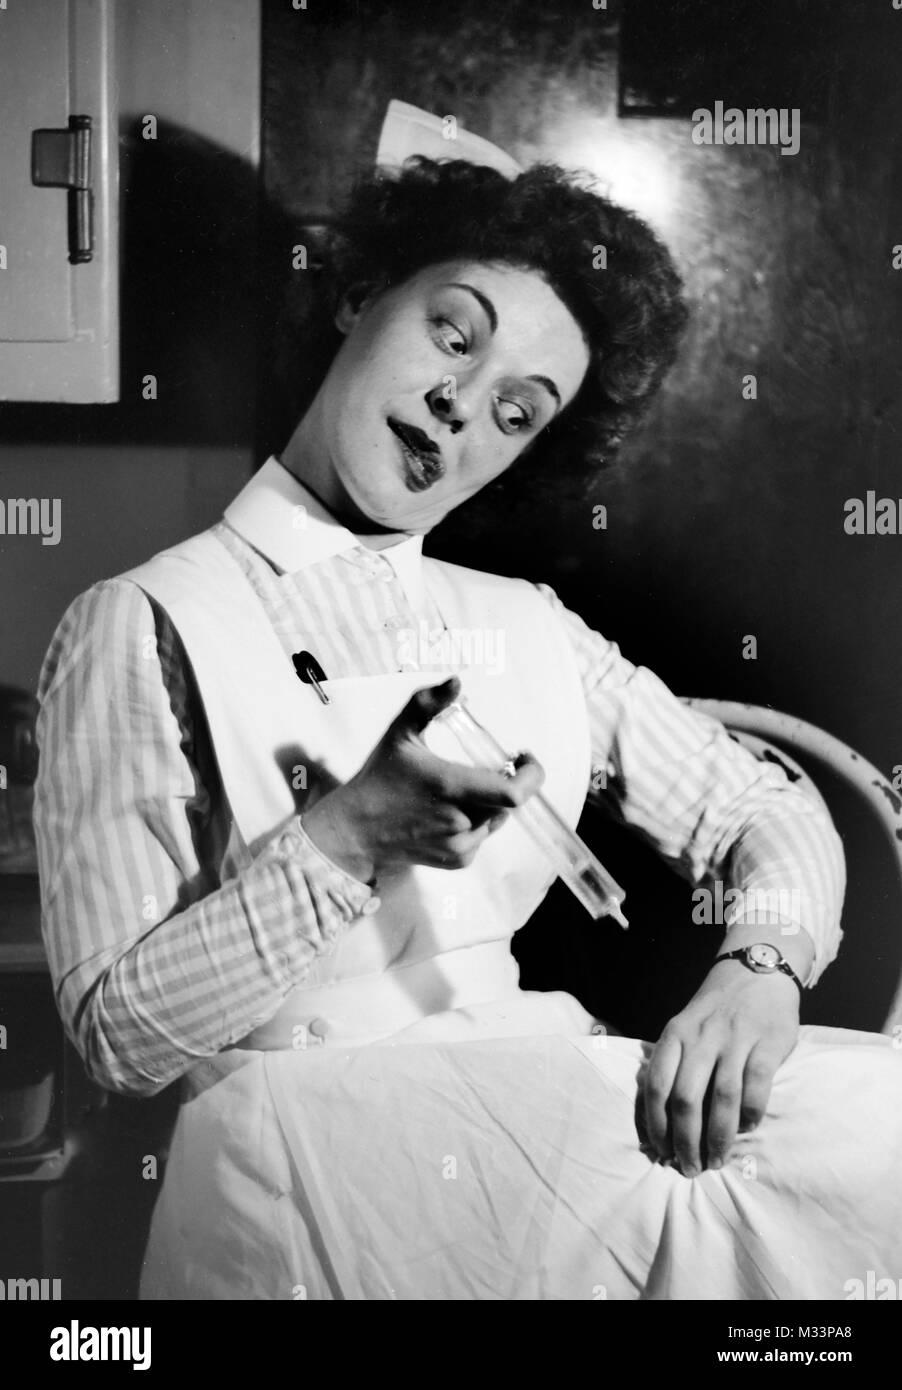 Un goofy busca enfermera festivamente inocula a sí misma para el humor, ca. 1910. Foto de stock